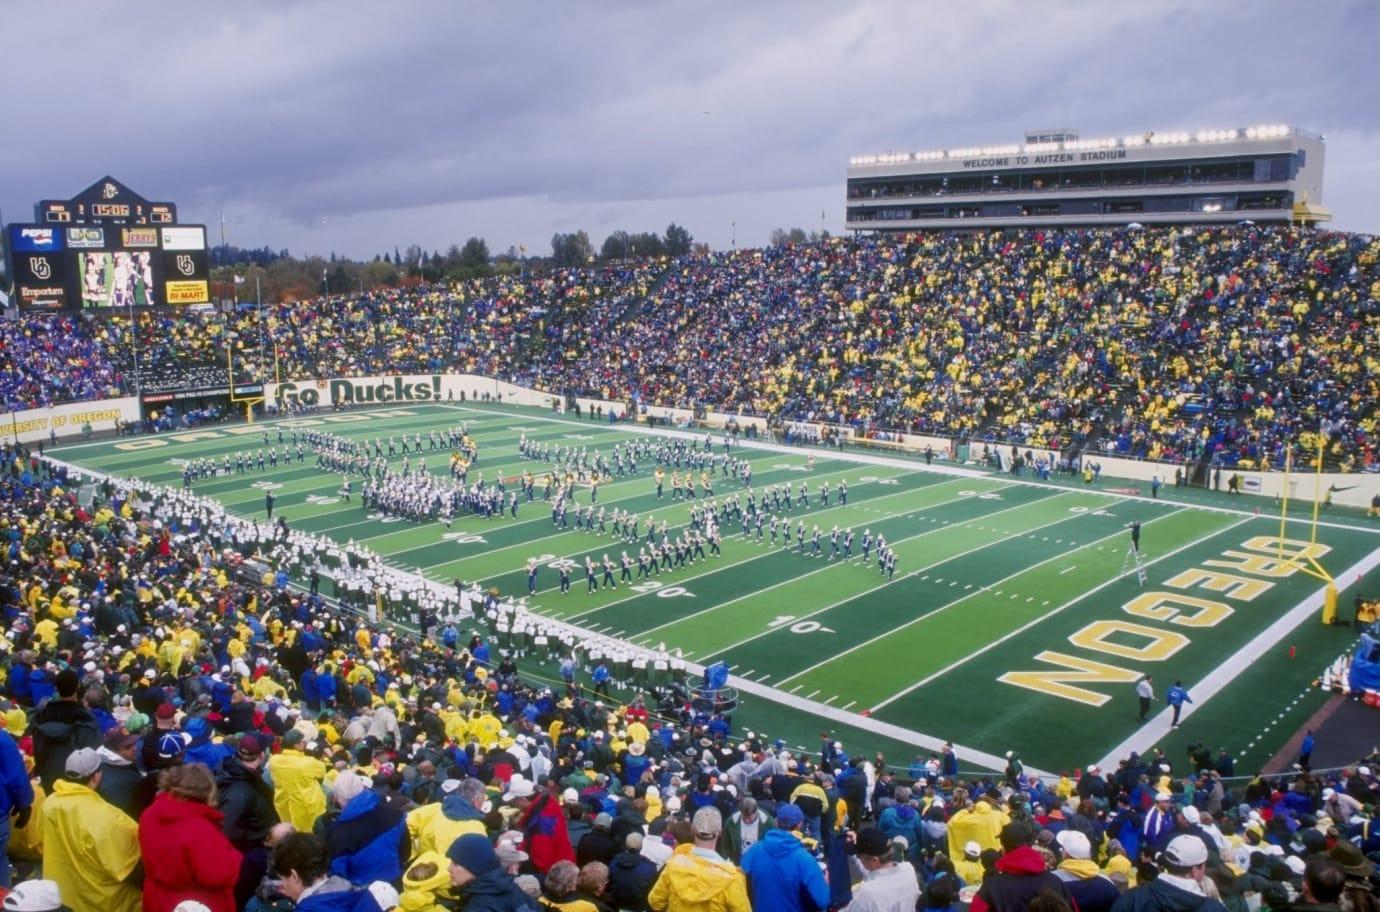 University of Oregon Autzen Stadium